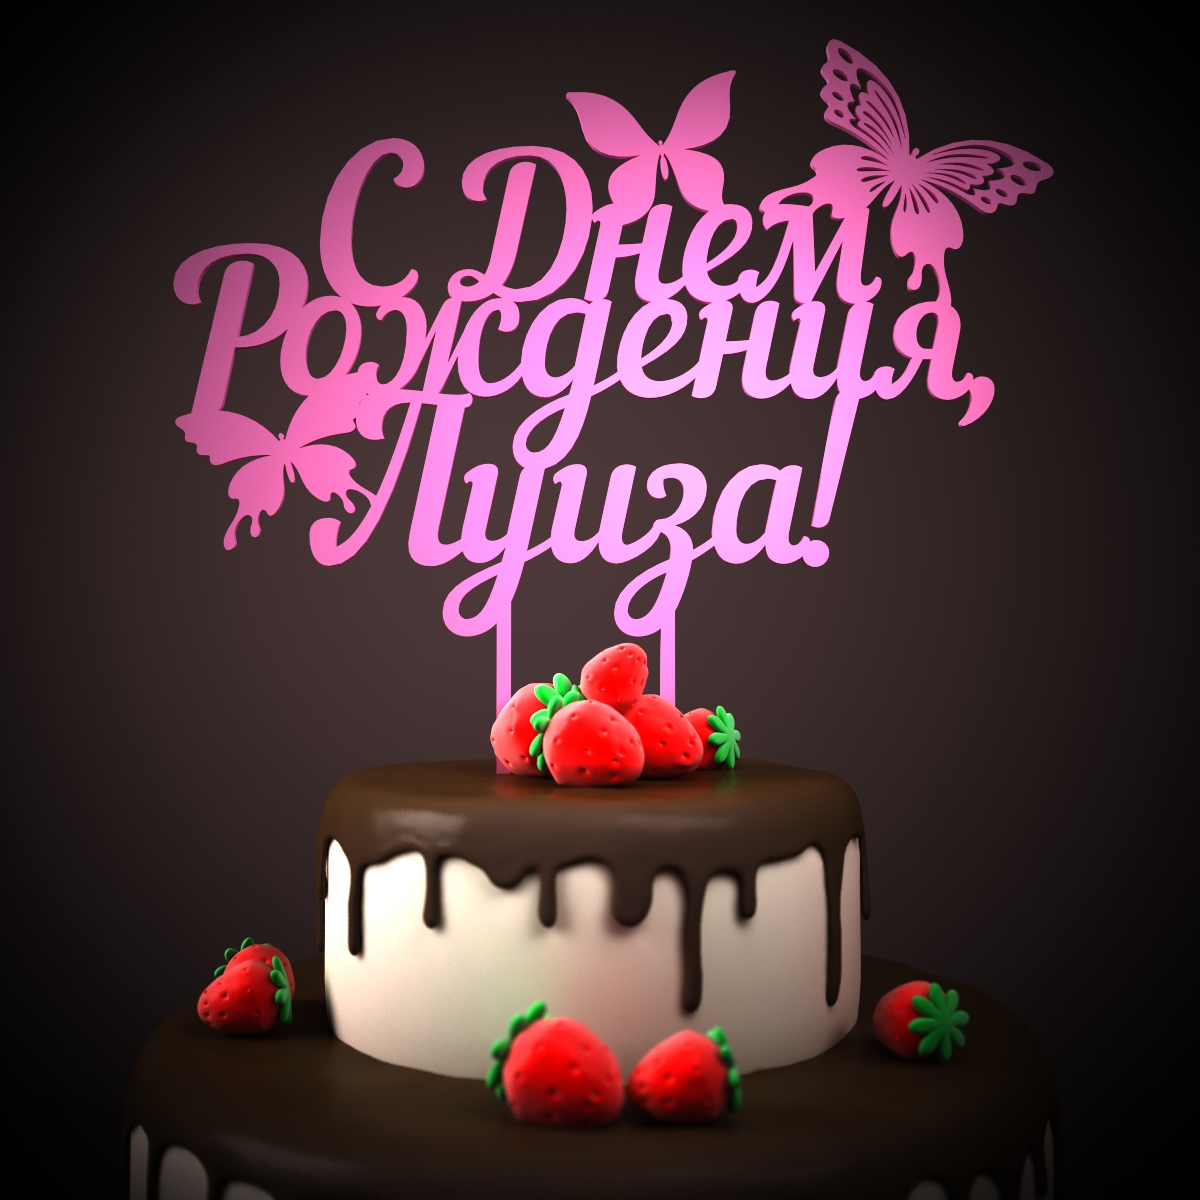 Поздравления с днем рождения луизе